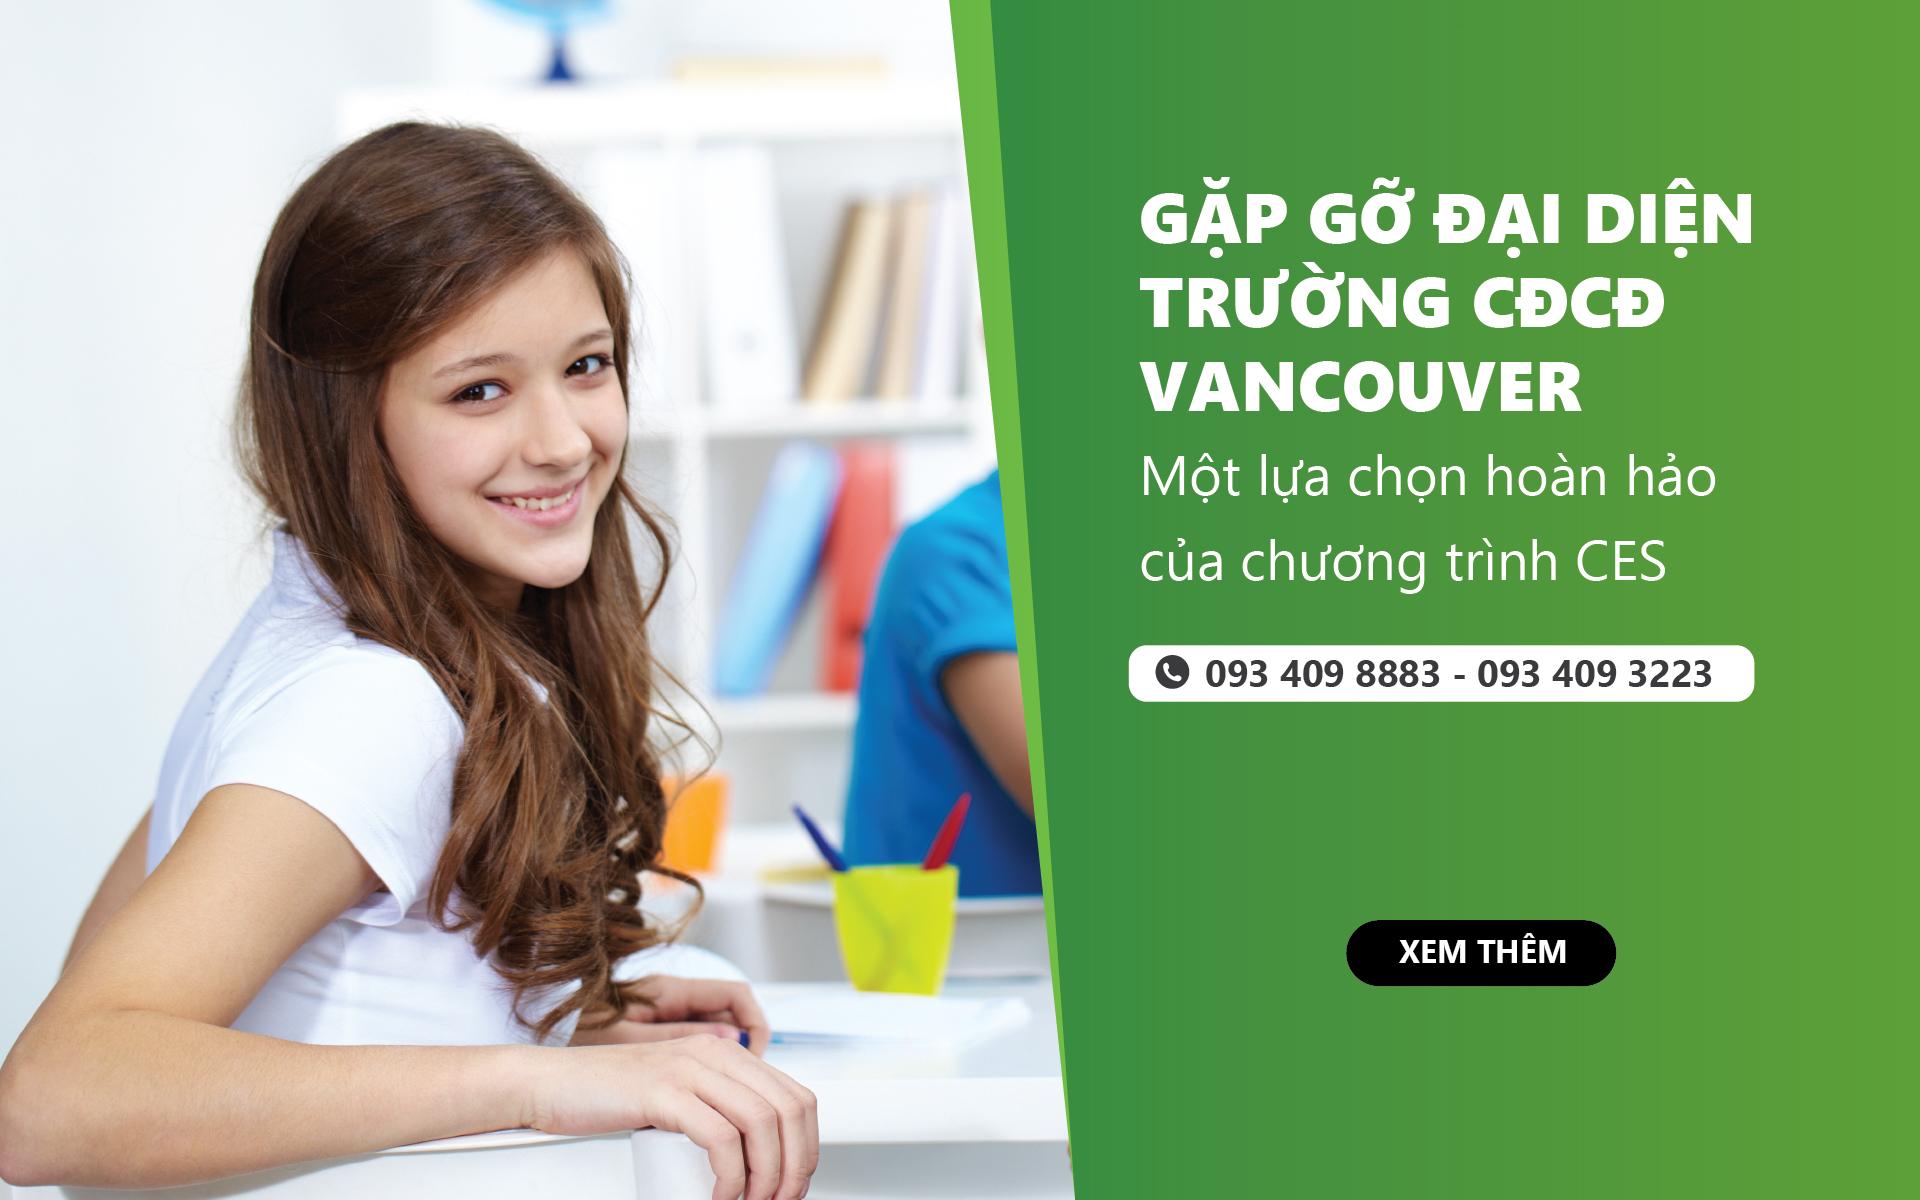 Chọn CĐCĐ Vancouver và du học Canada diện visa ưu tiên, tại sao không?